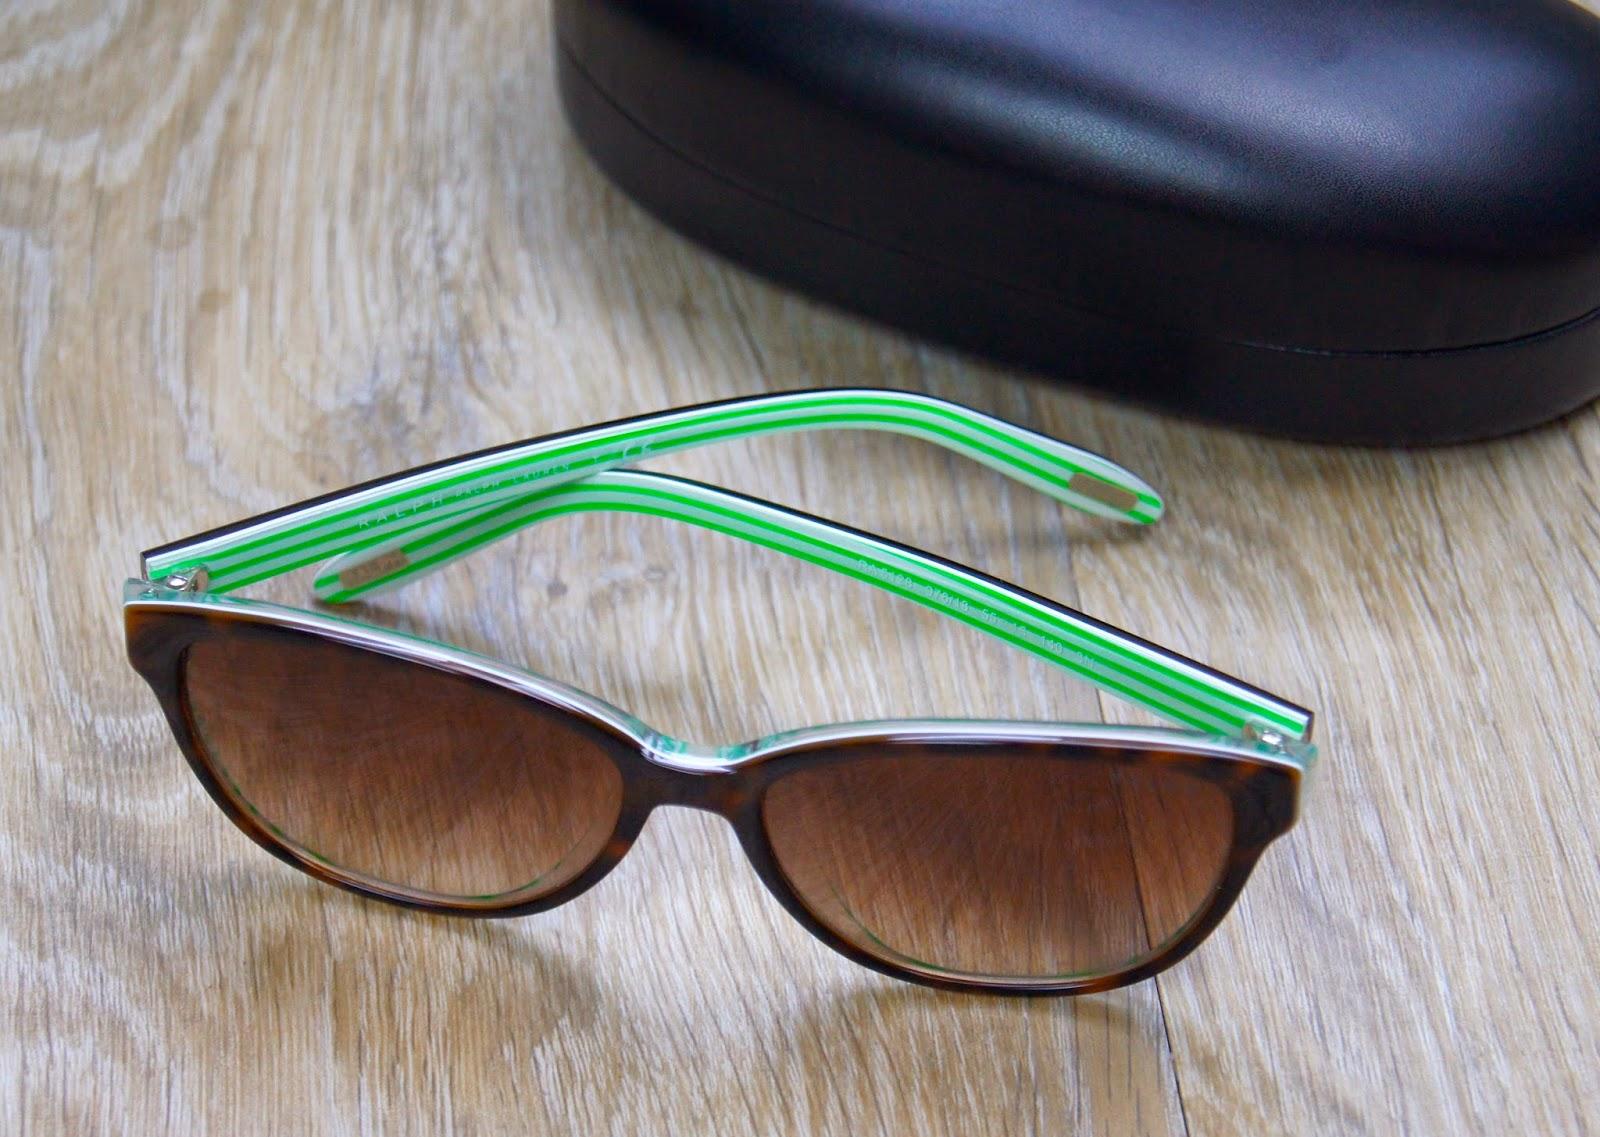 ralph lauren ra5128 tortoiseshell green sunglasses